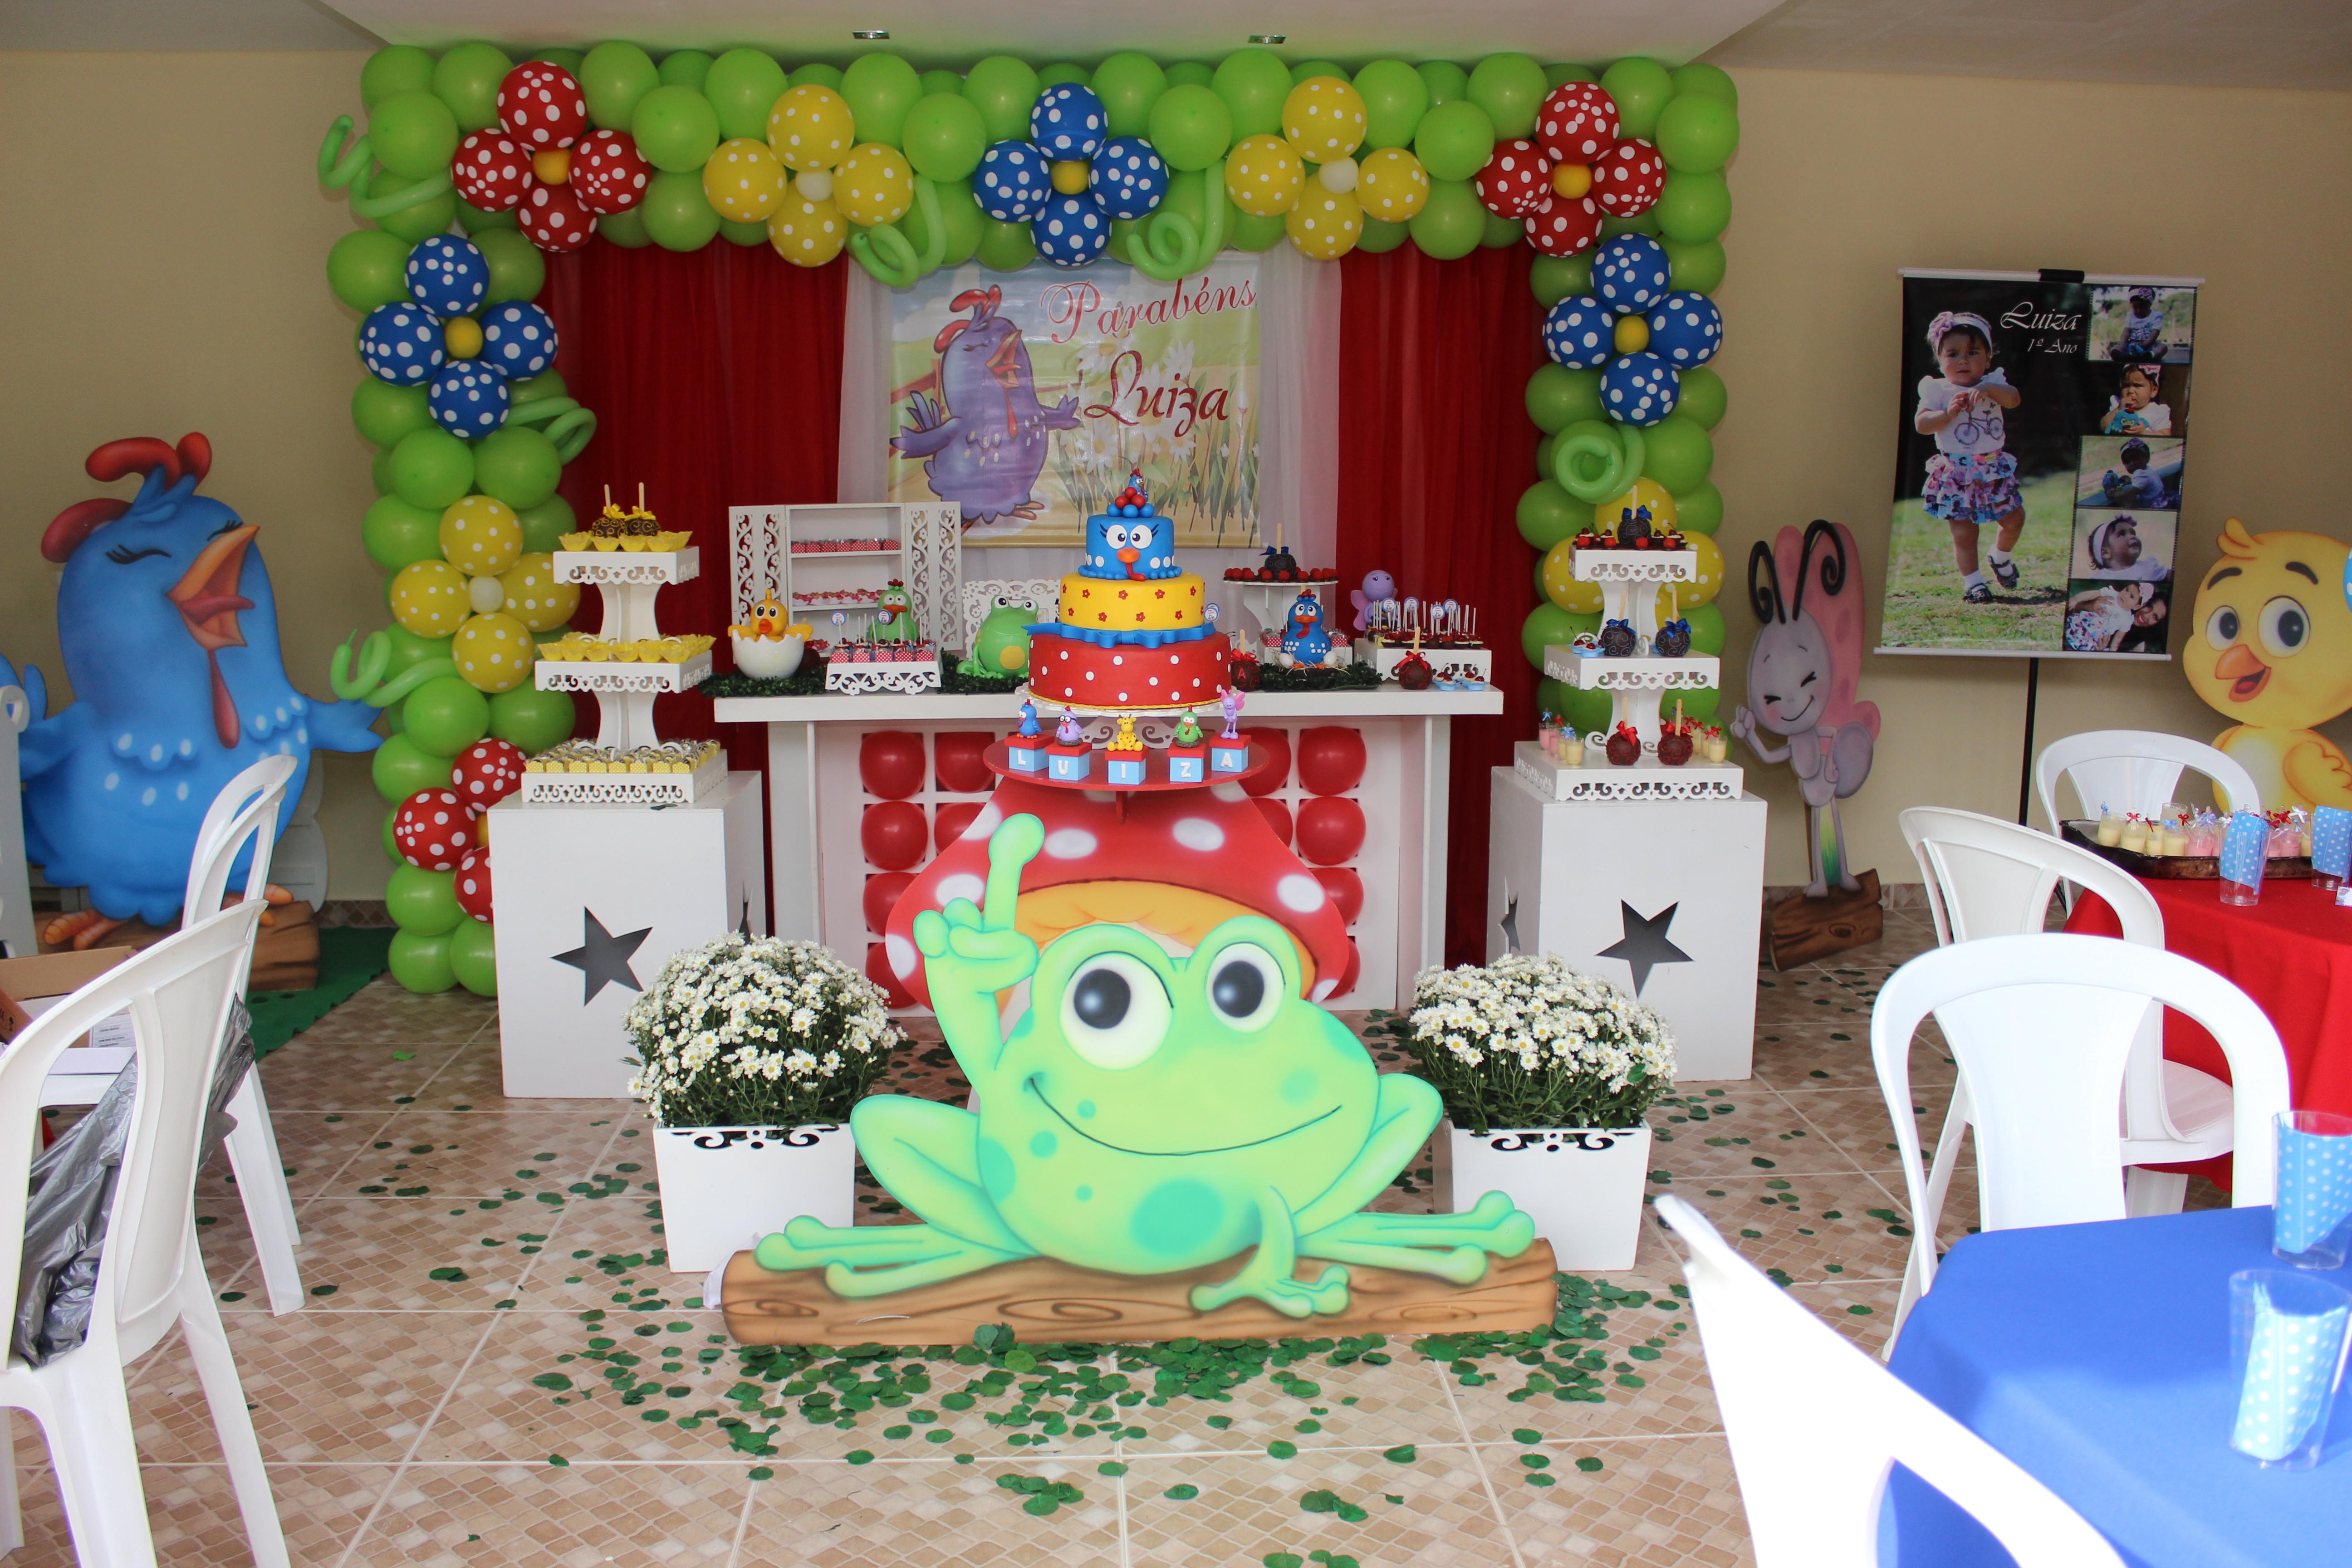 decoracao festa surpresa : decoracao festa surpresa:Decoração festa Galinha Pintadinha